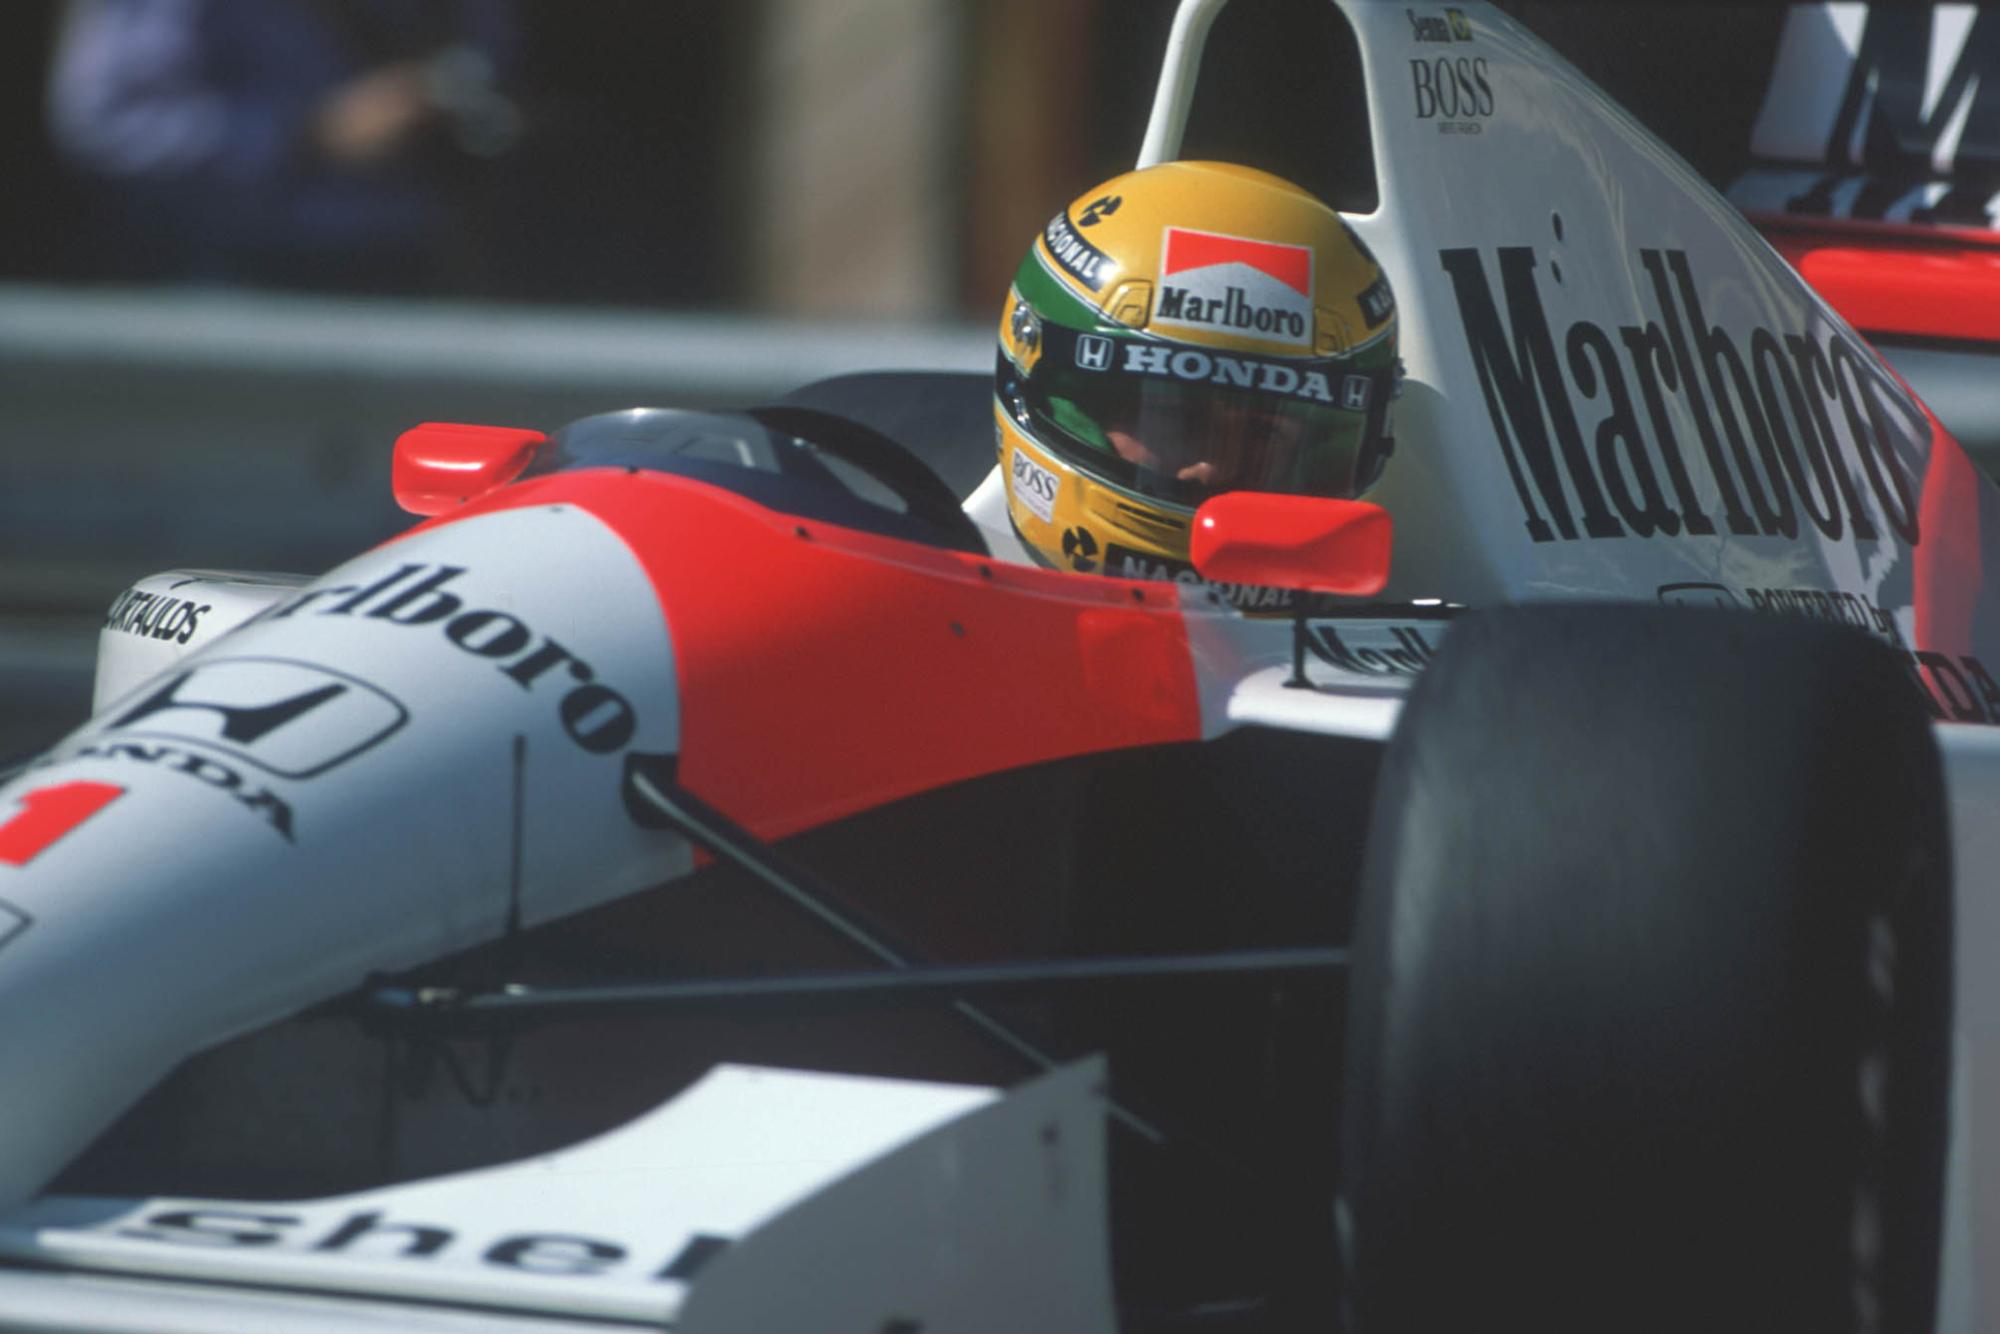 Ayrton Senna in the McLaren